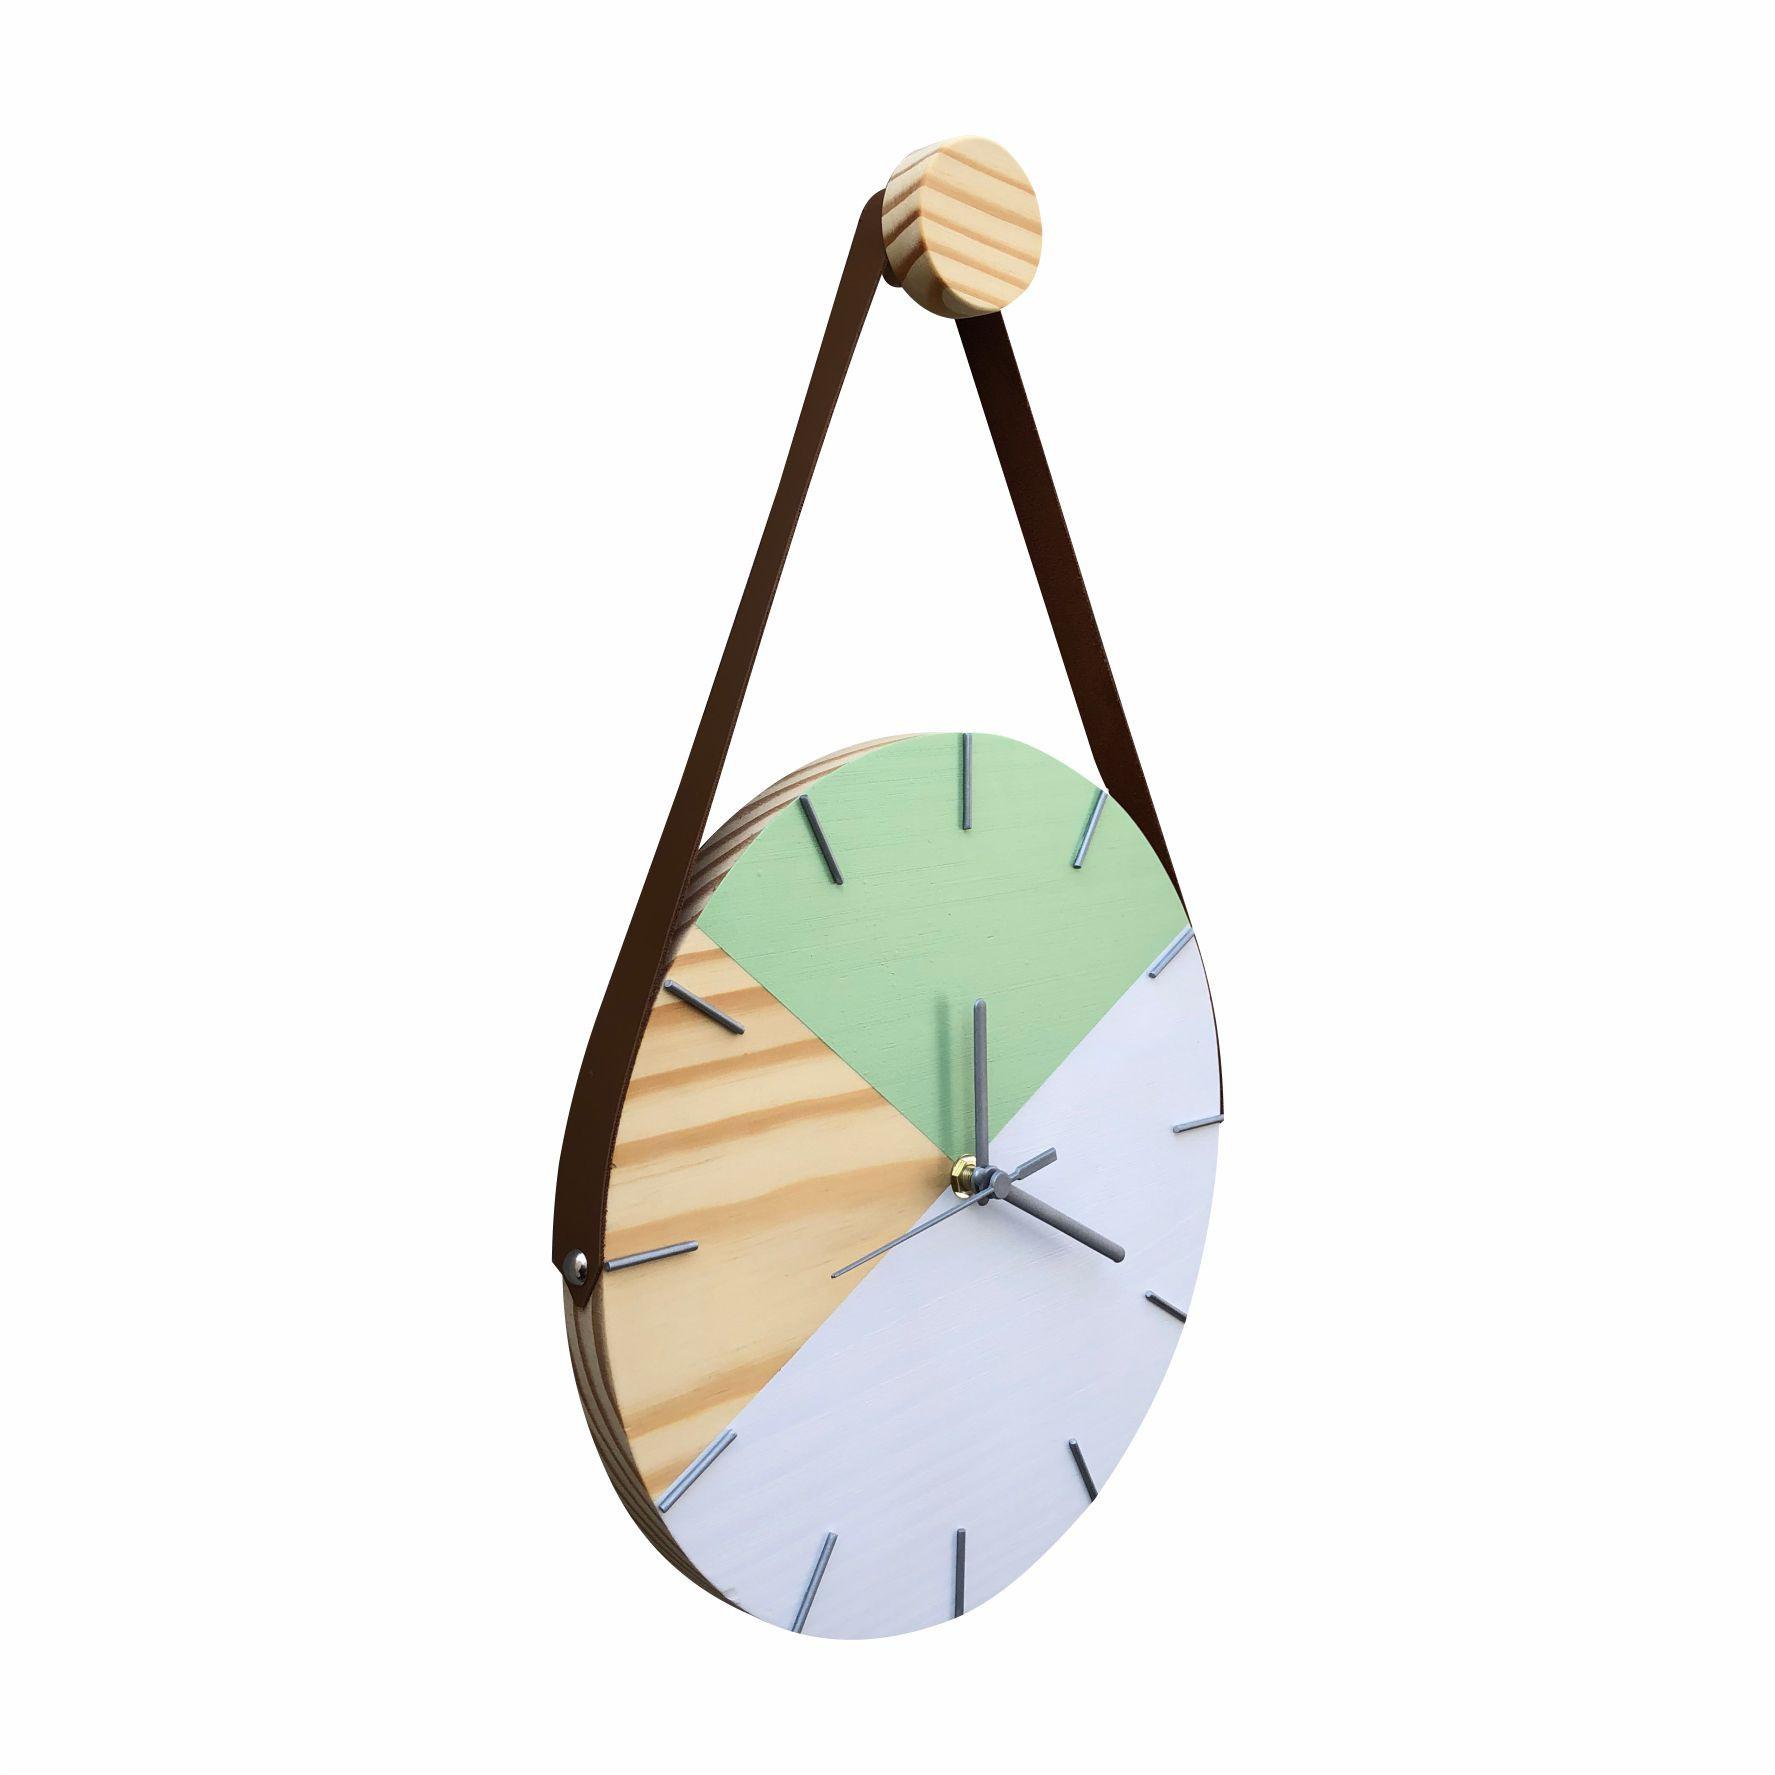 Relógio de Parede Geométrico Branco e Verde Dólar com Alça